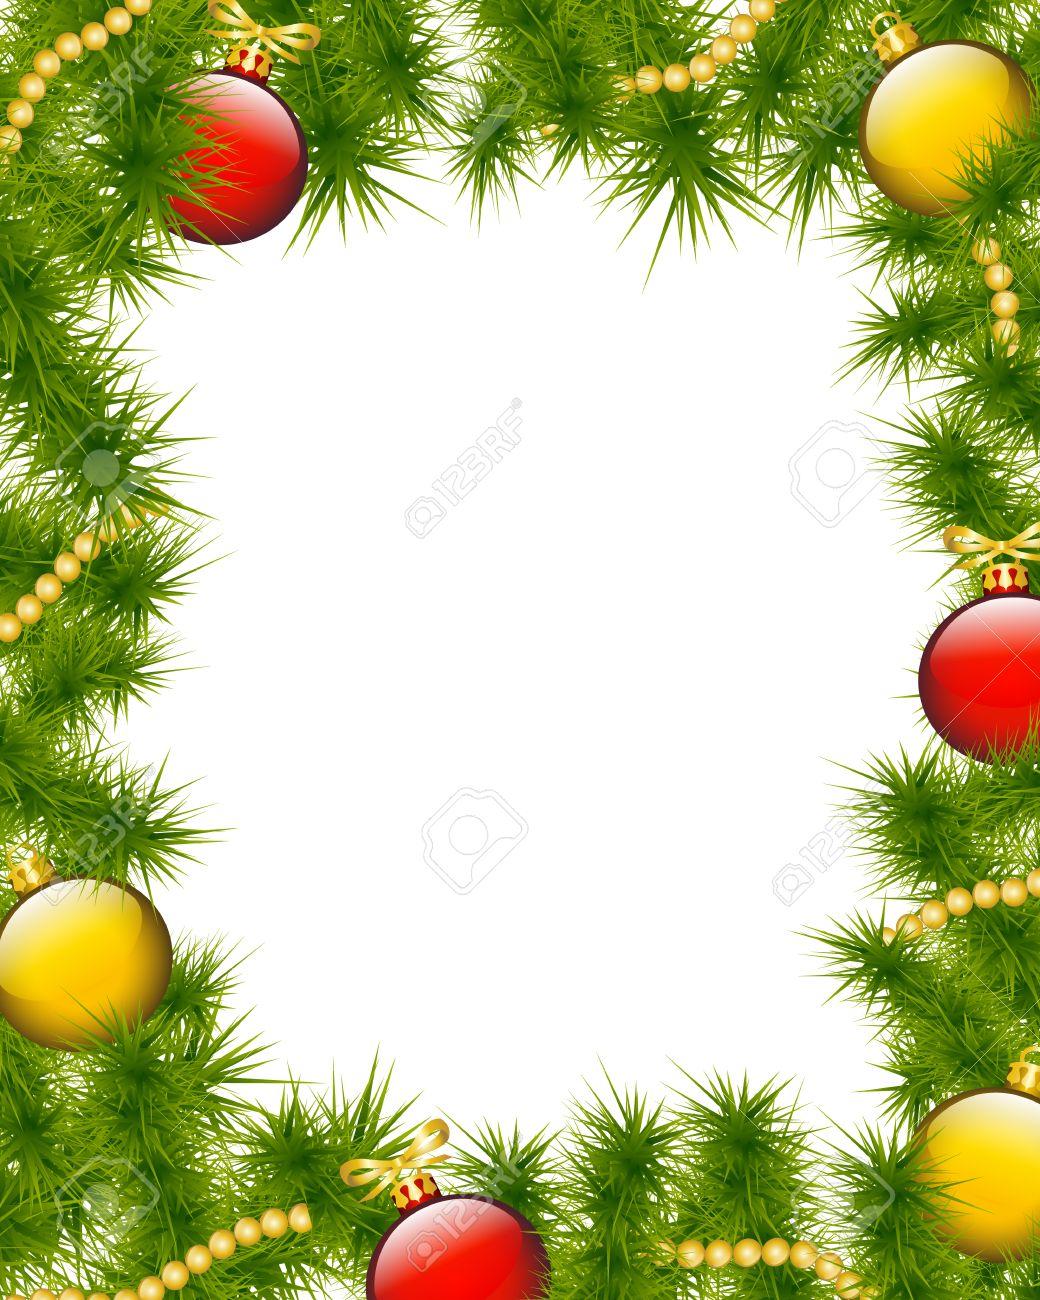 Weihnachten Rahmen Aus Tannenzweigen Mit Weihnachtsschmuck ...